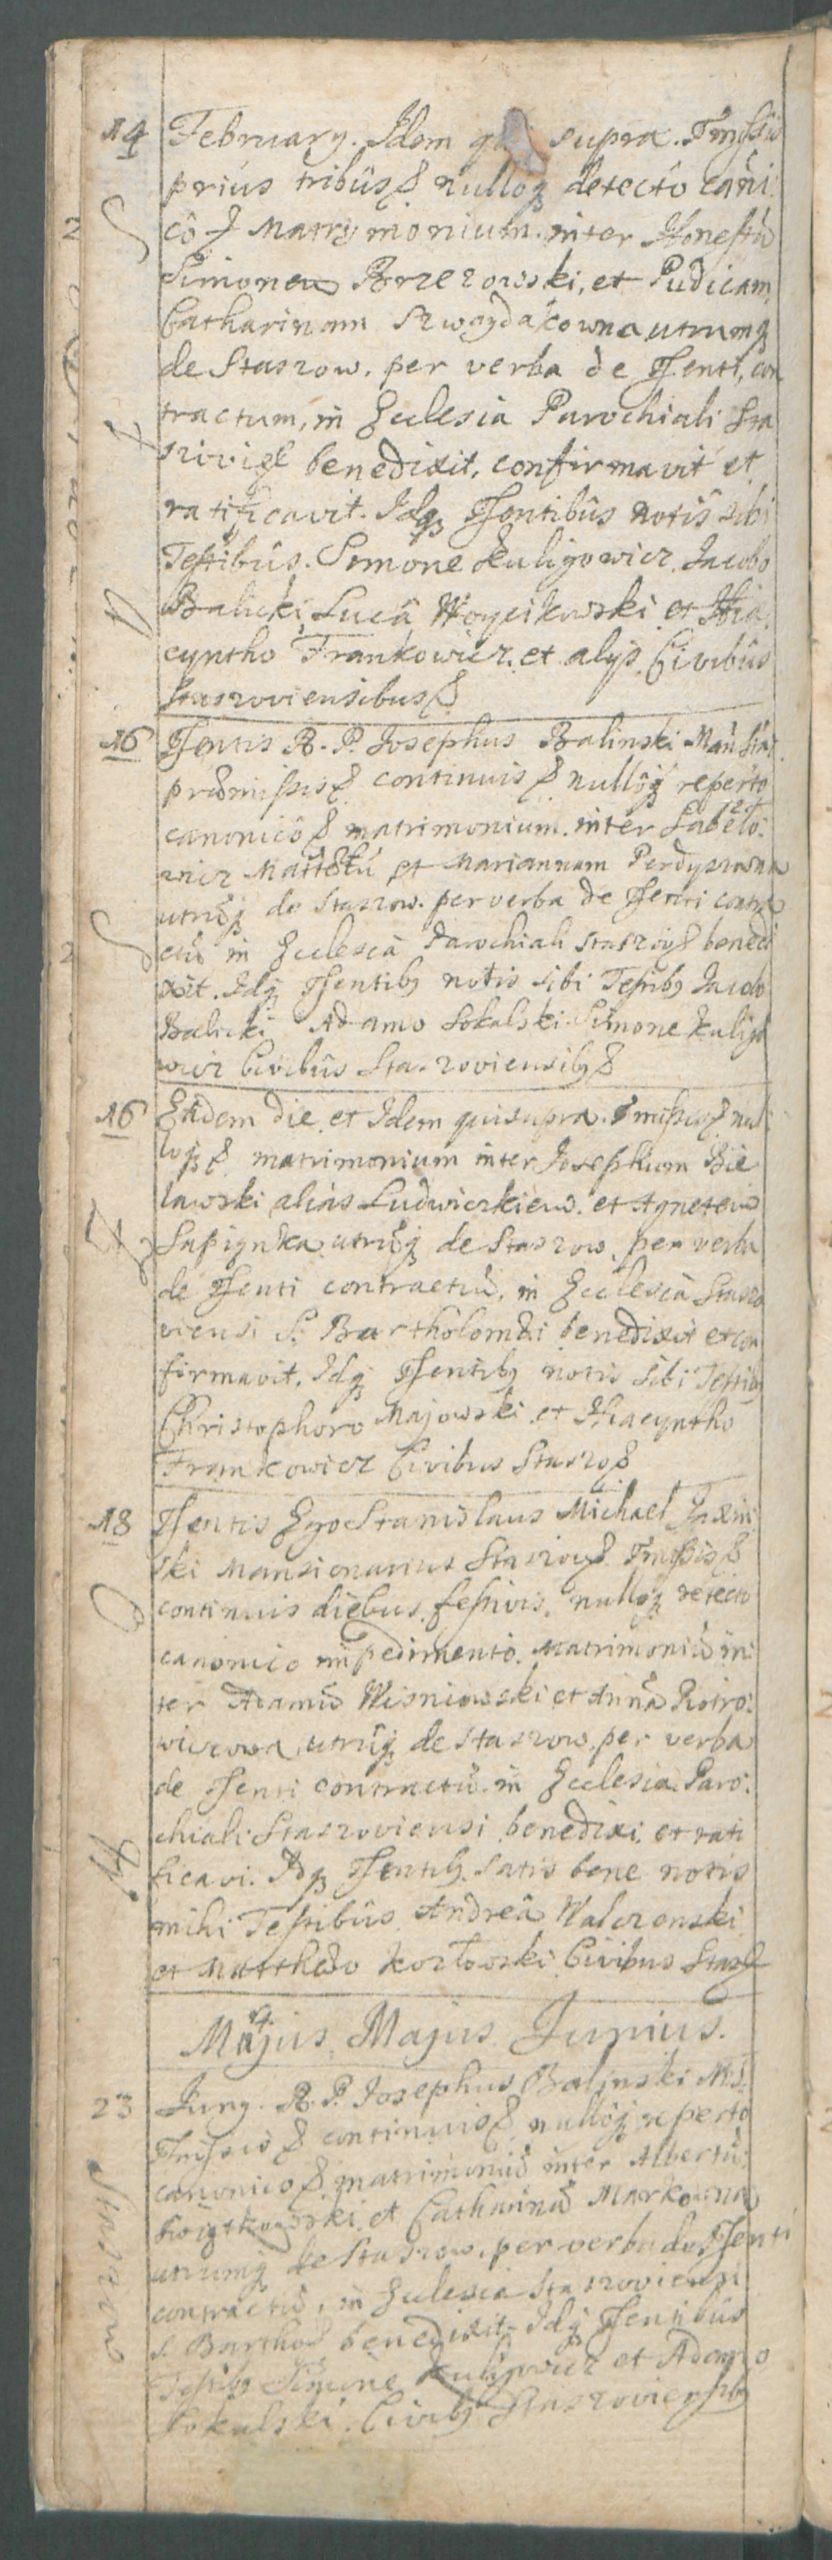 A page with a note about the marriage between Szymon Brzezowski and Katarzyna Szwaydakówna, Staszów, 14th February 1719